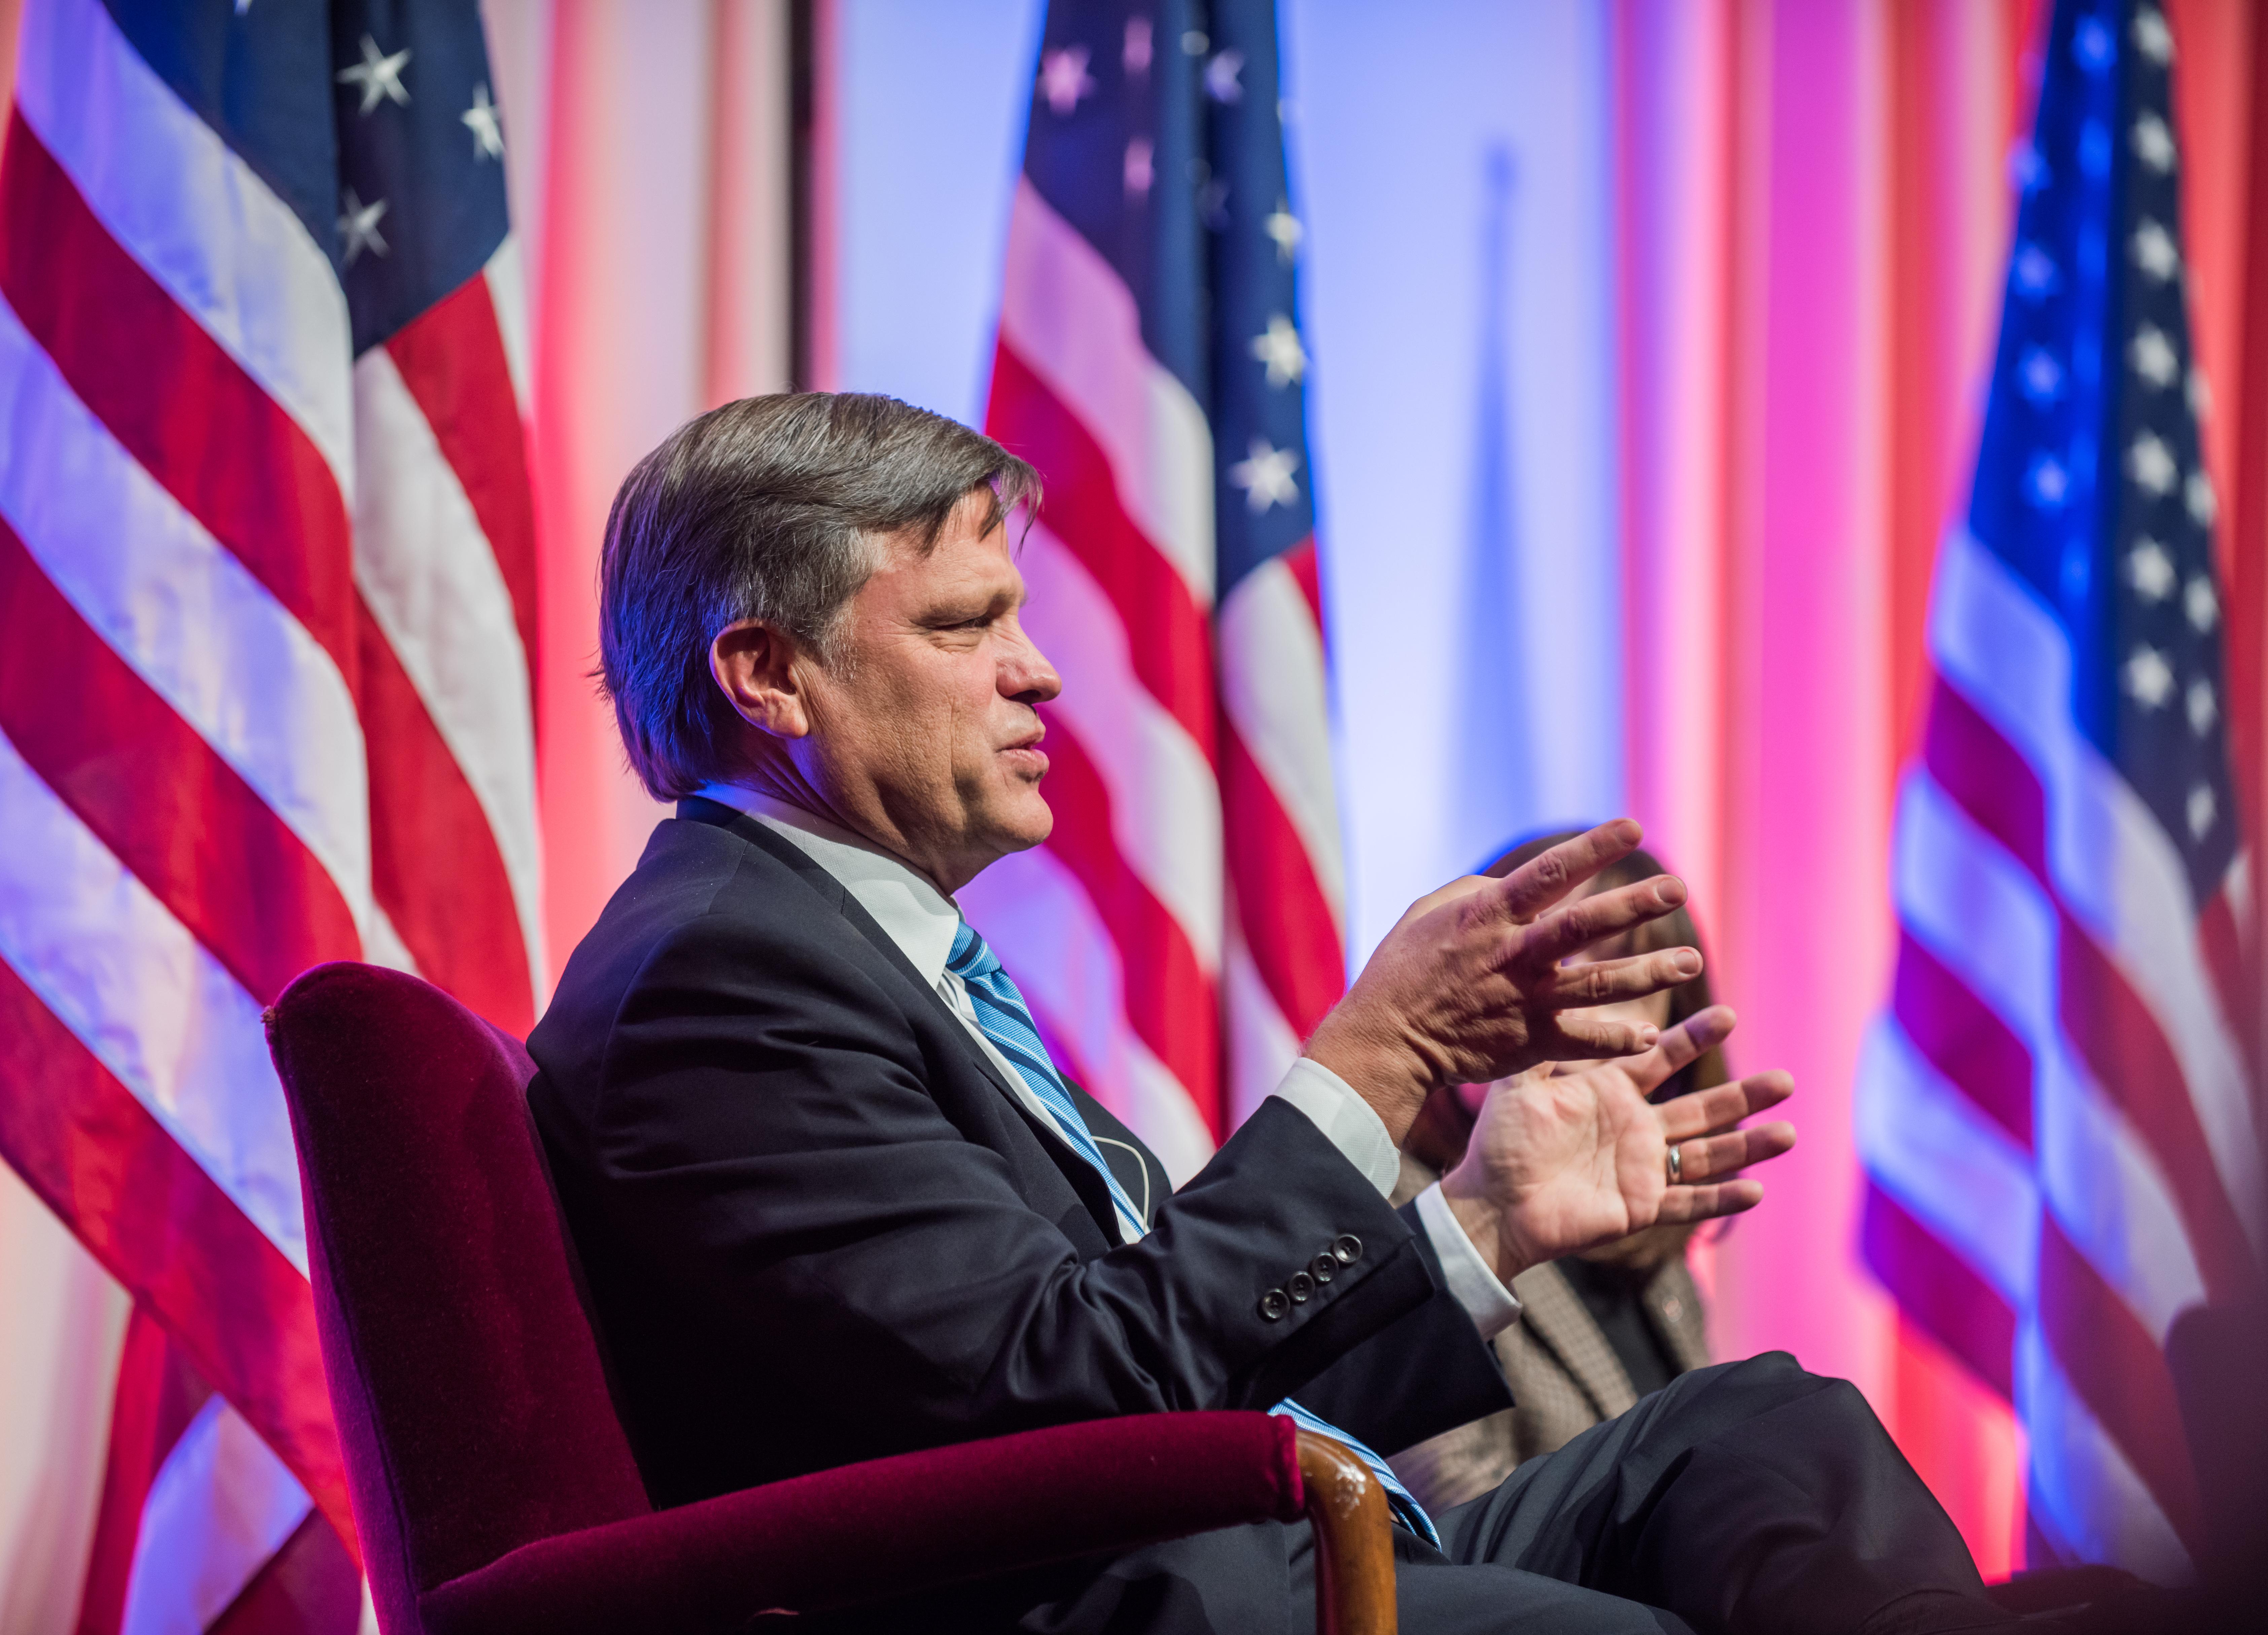 Douglas Brinkley speaking at the Bennett Forum on the presidency 2016